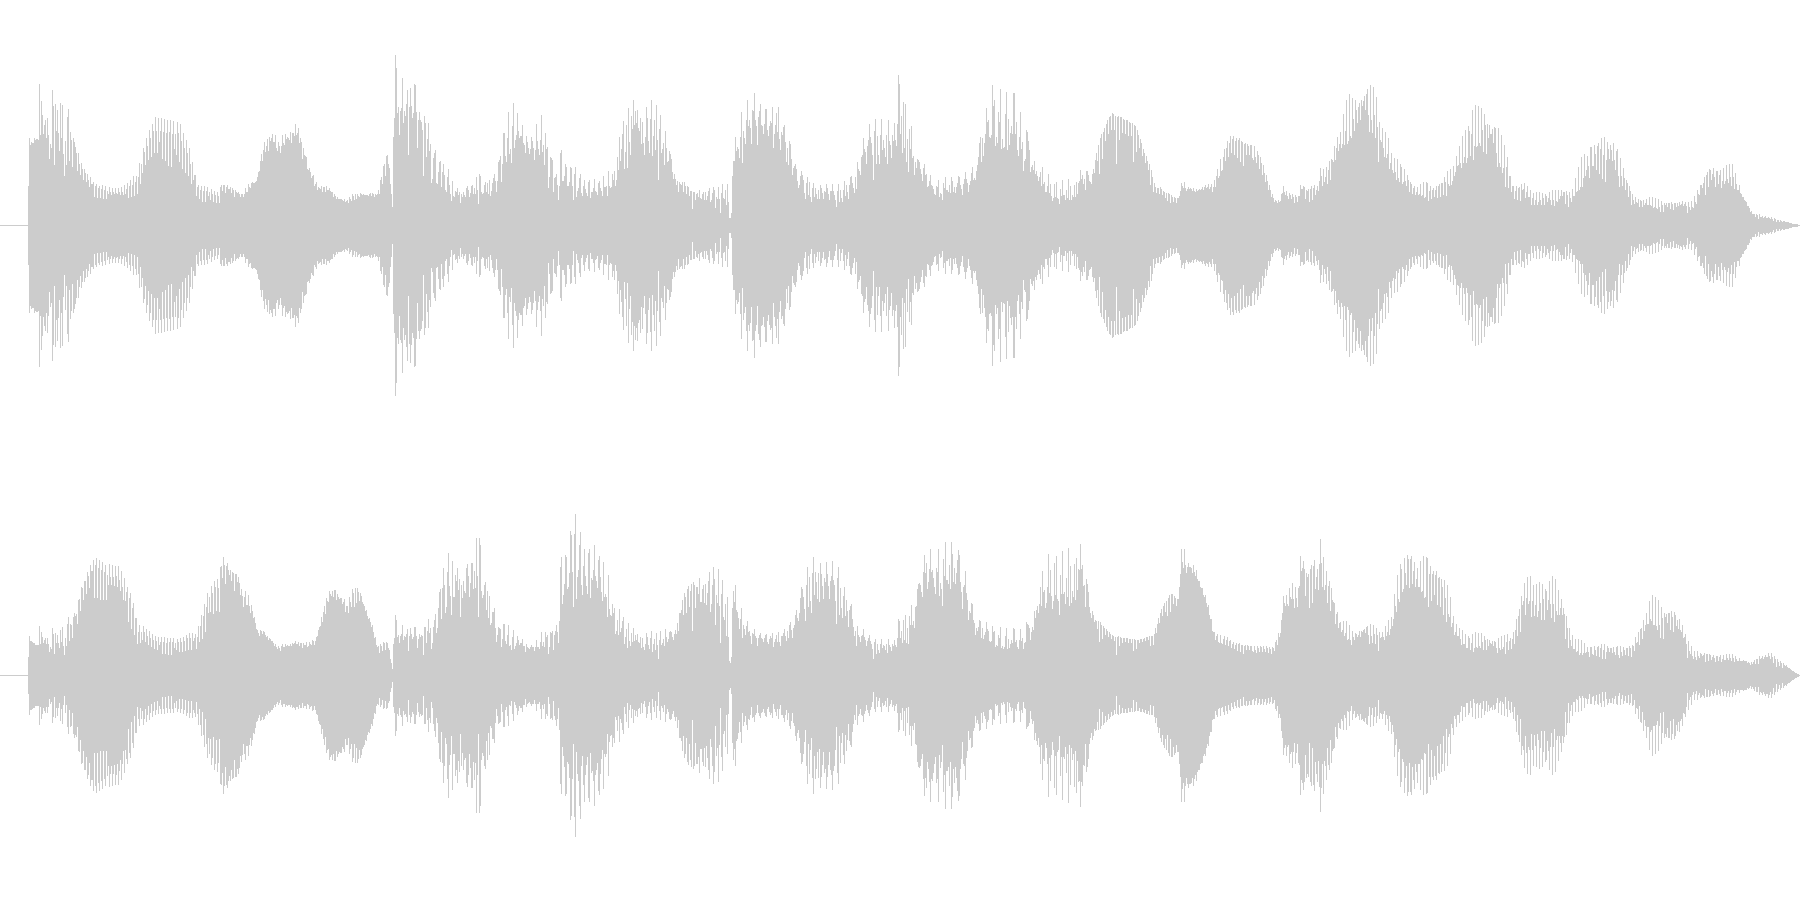 ほのぼのとしたエレピ音源の未再生の波形